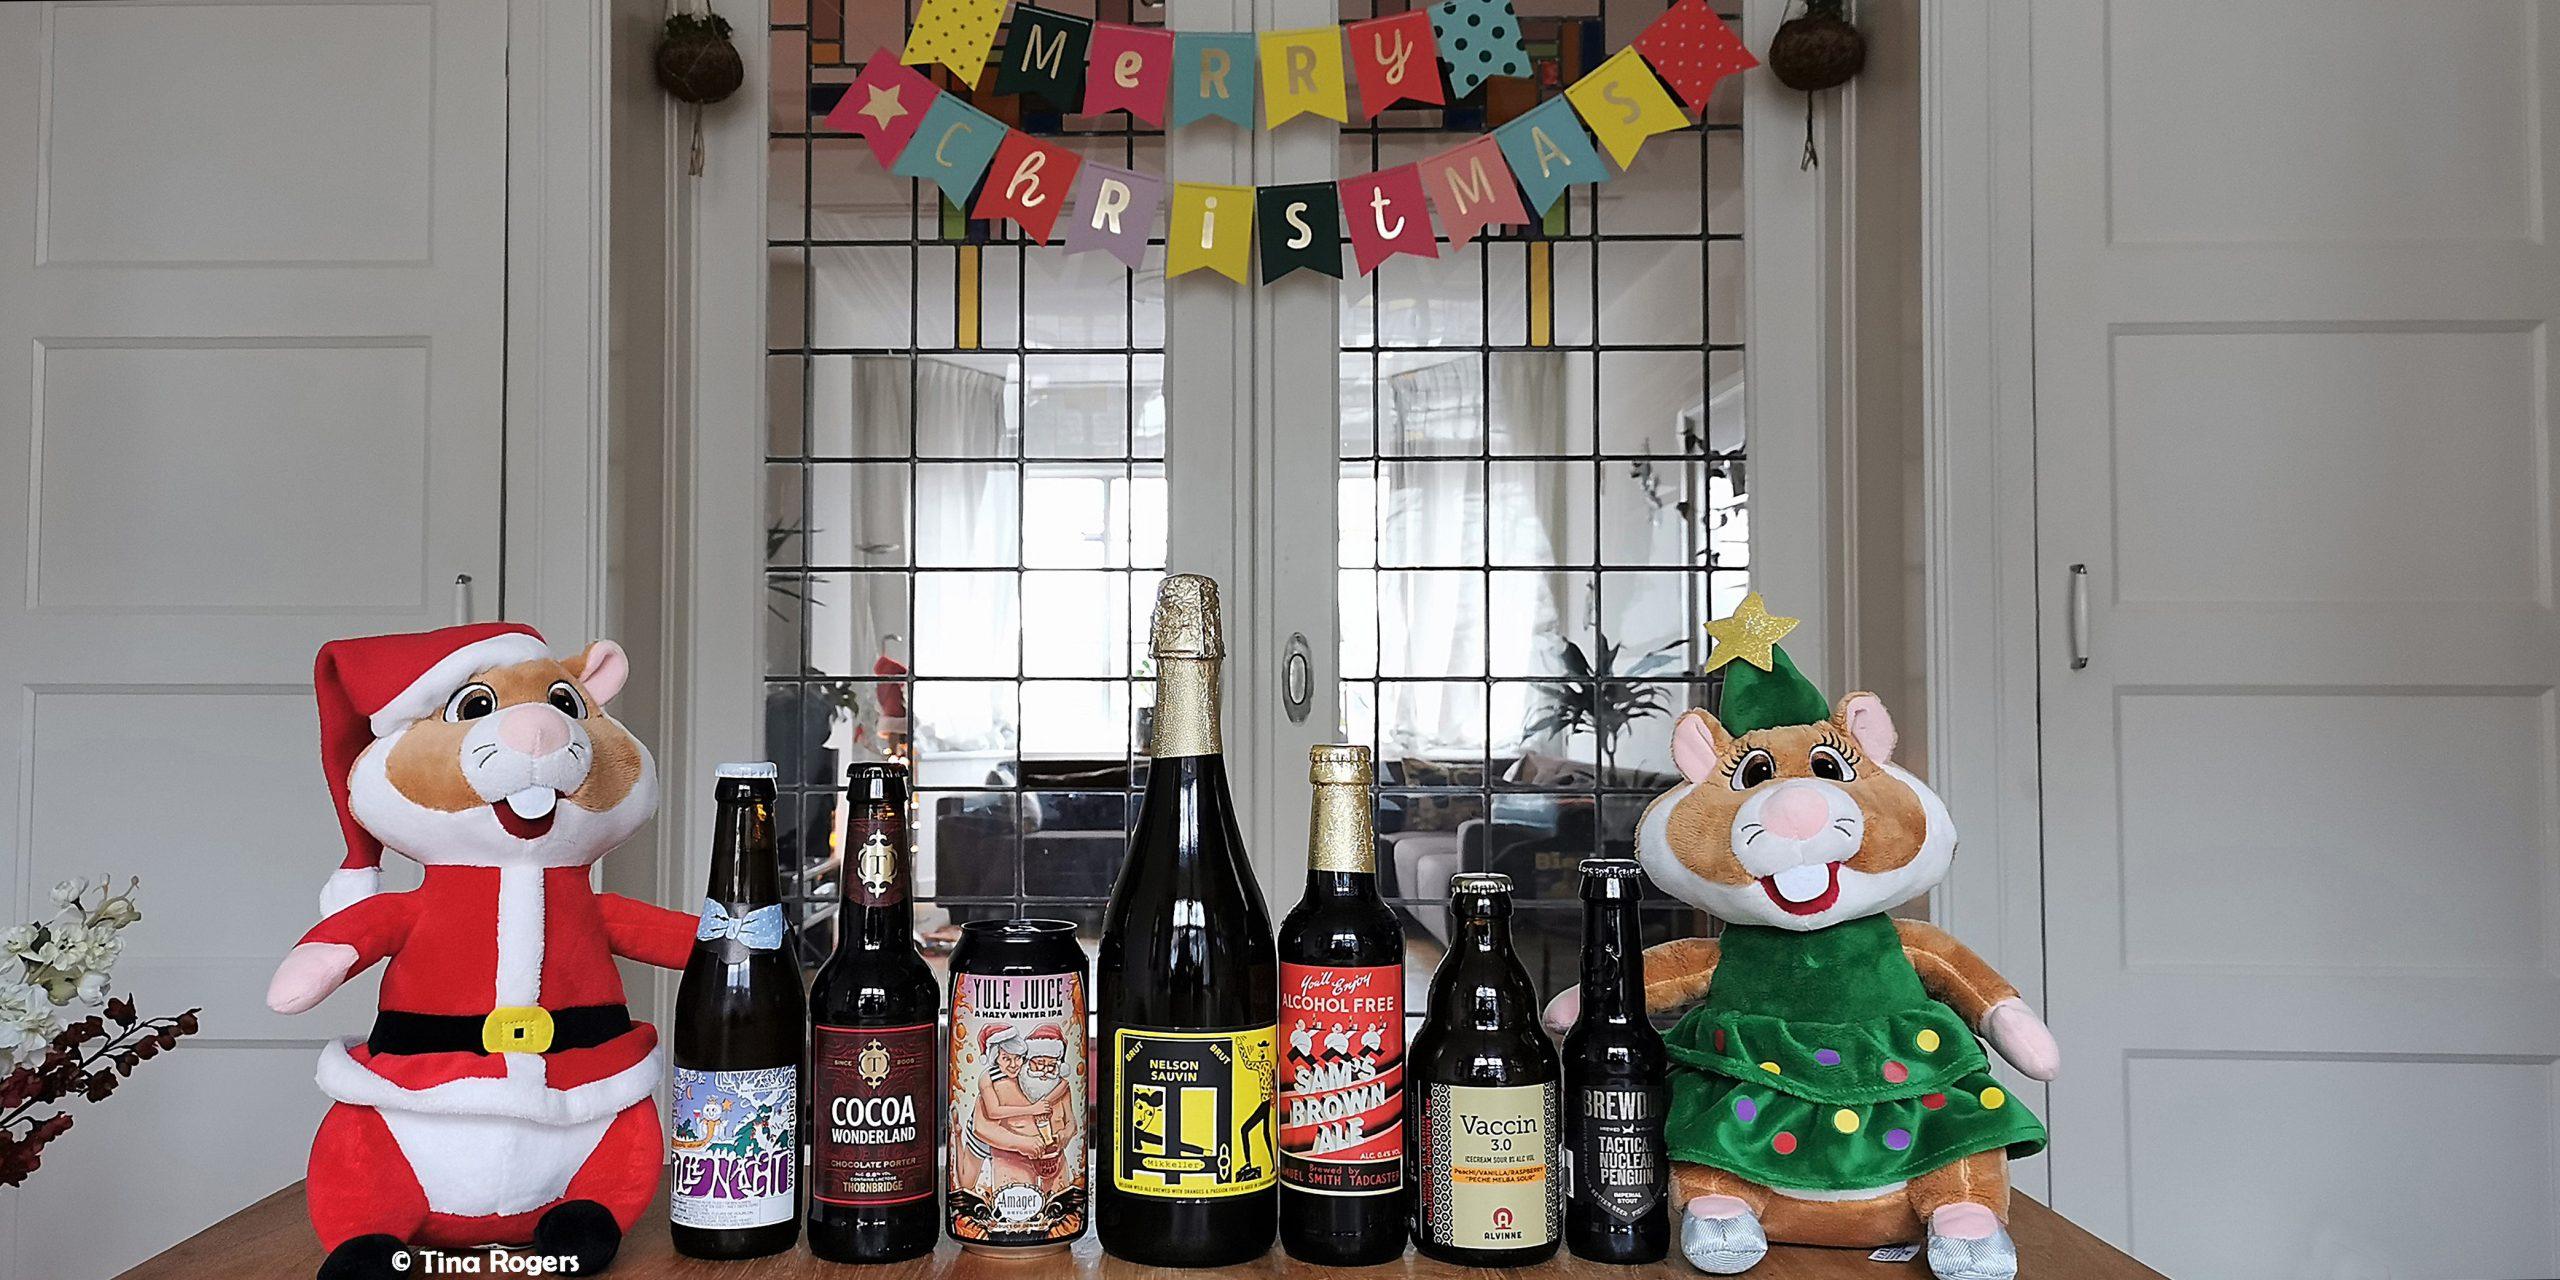 Tis the season christmas beer